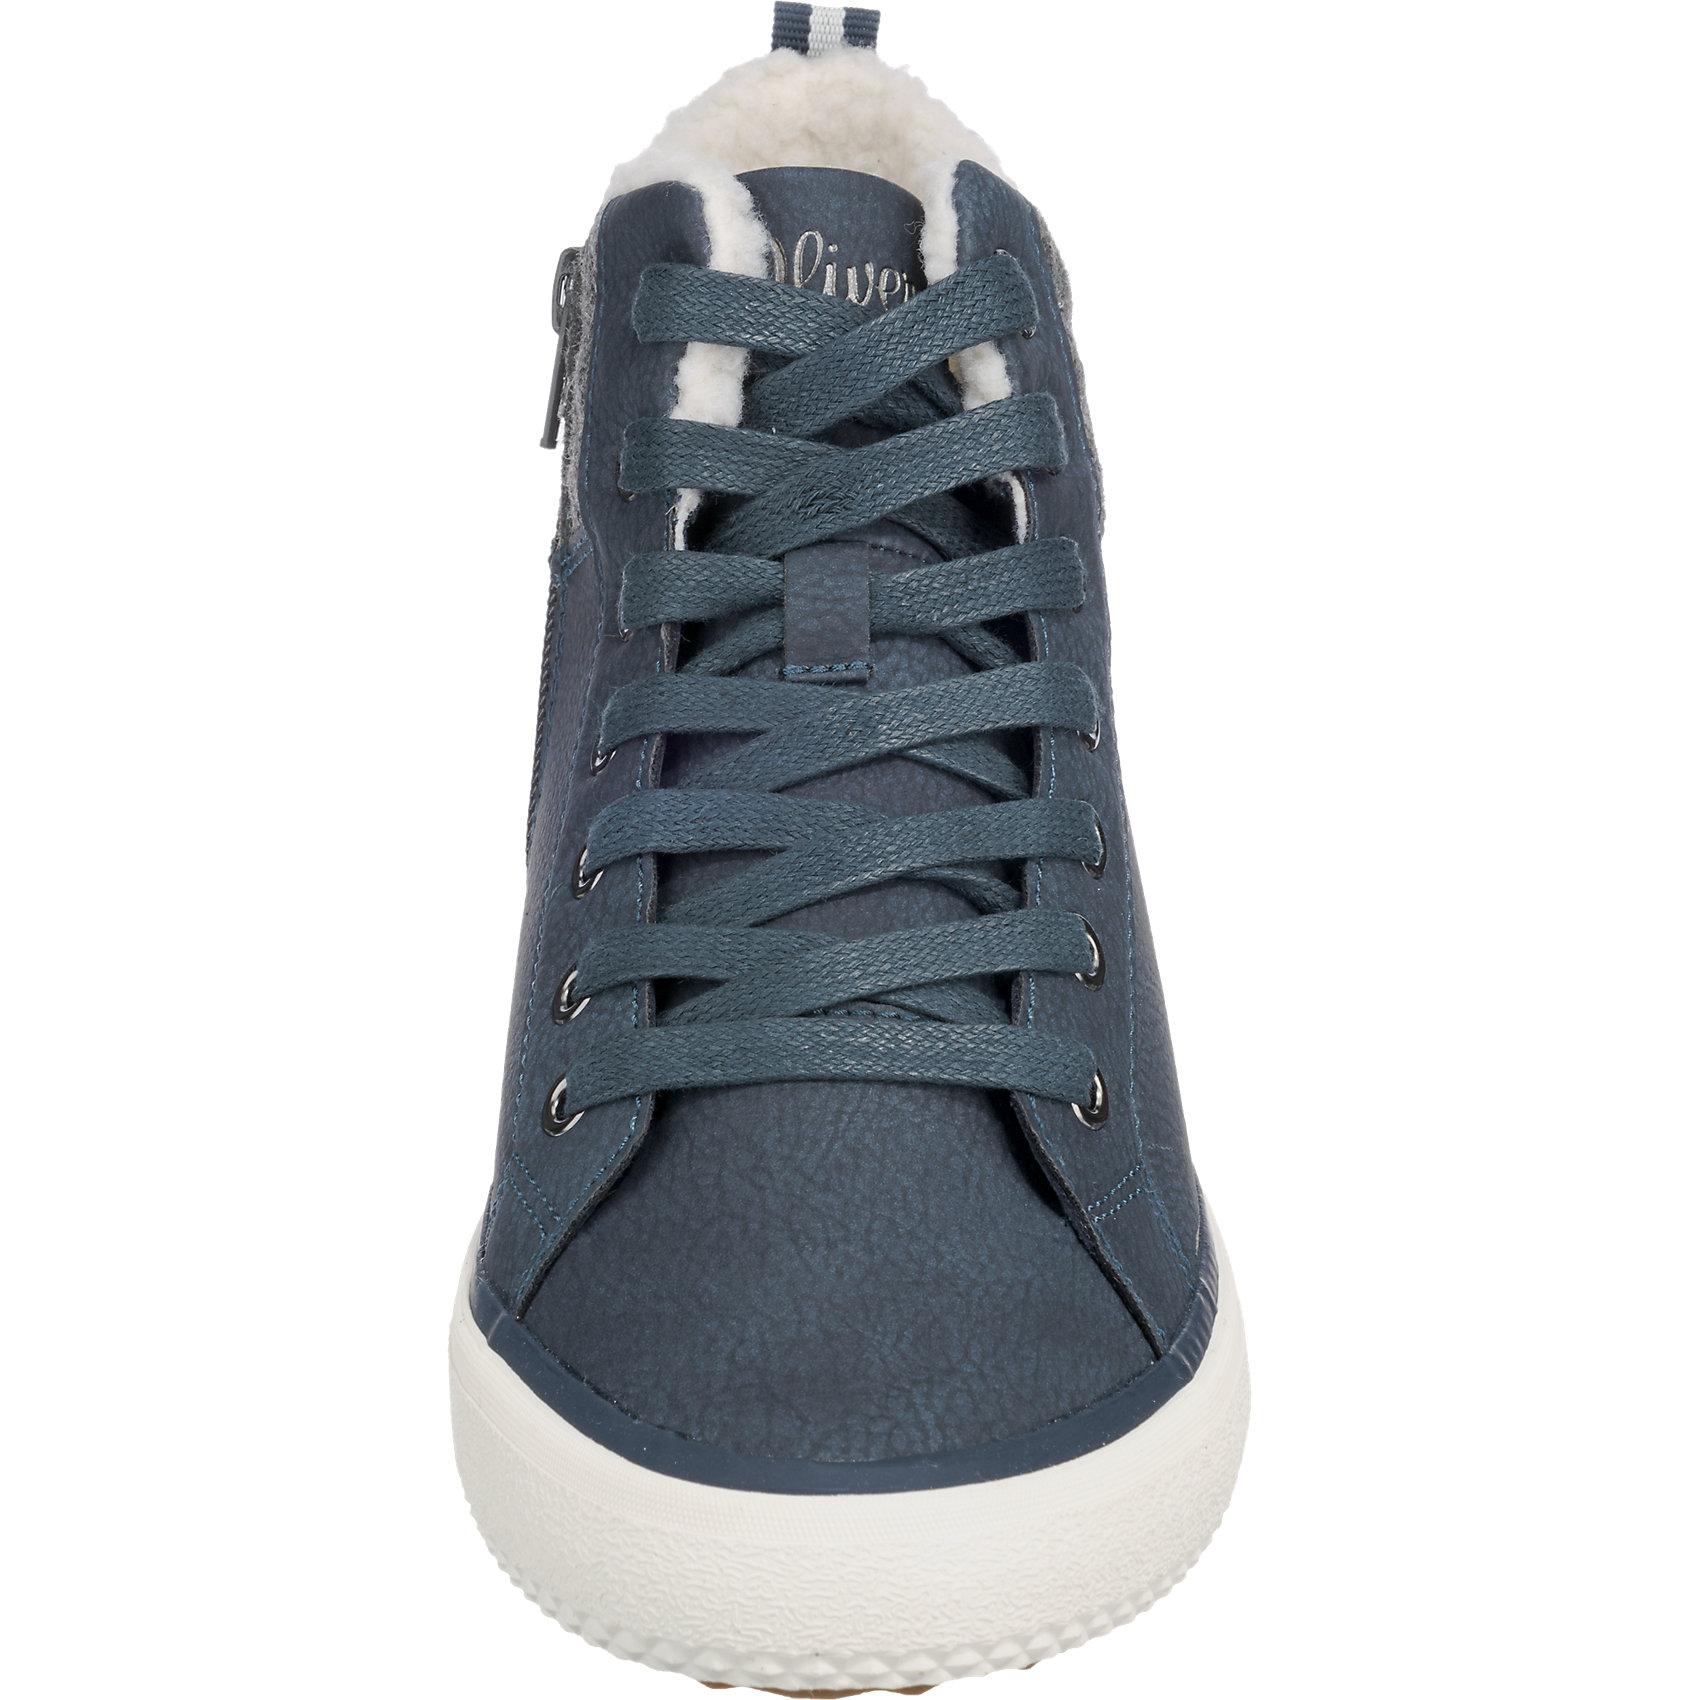 13829496f4cb ... Nike Nike Nike SB Bruin Zoom PRM SE UK9 877045-811 EUR44 US10 Red  Orange ...